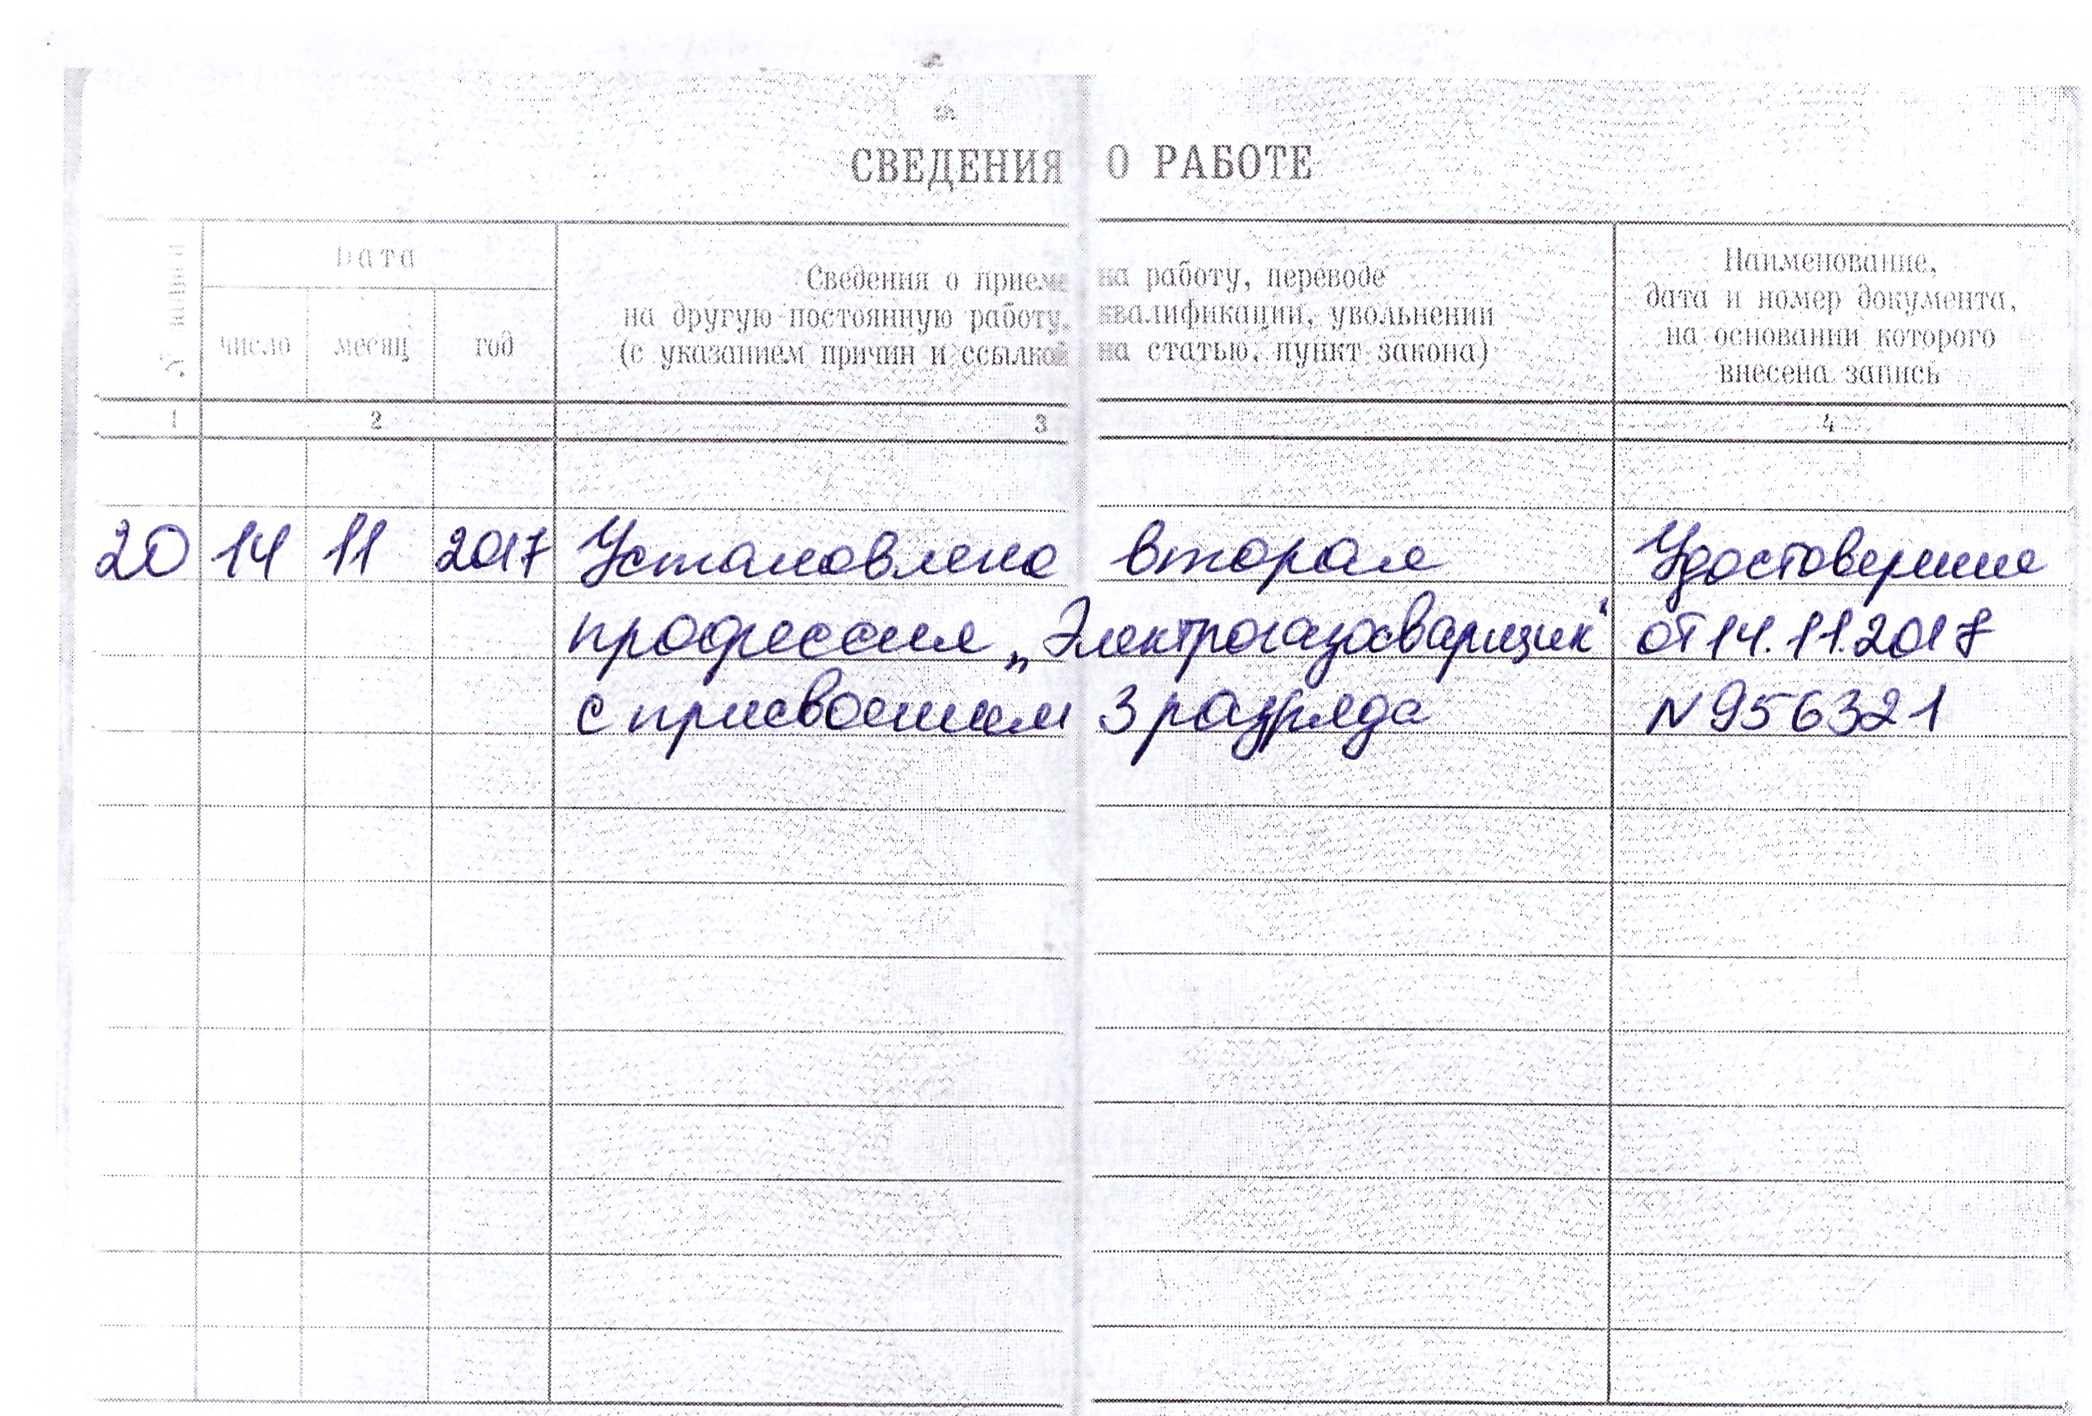 Заполнение трудовой книжки при приеме, переводе 100